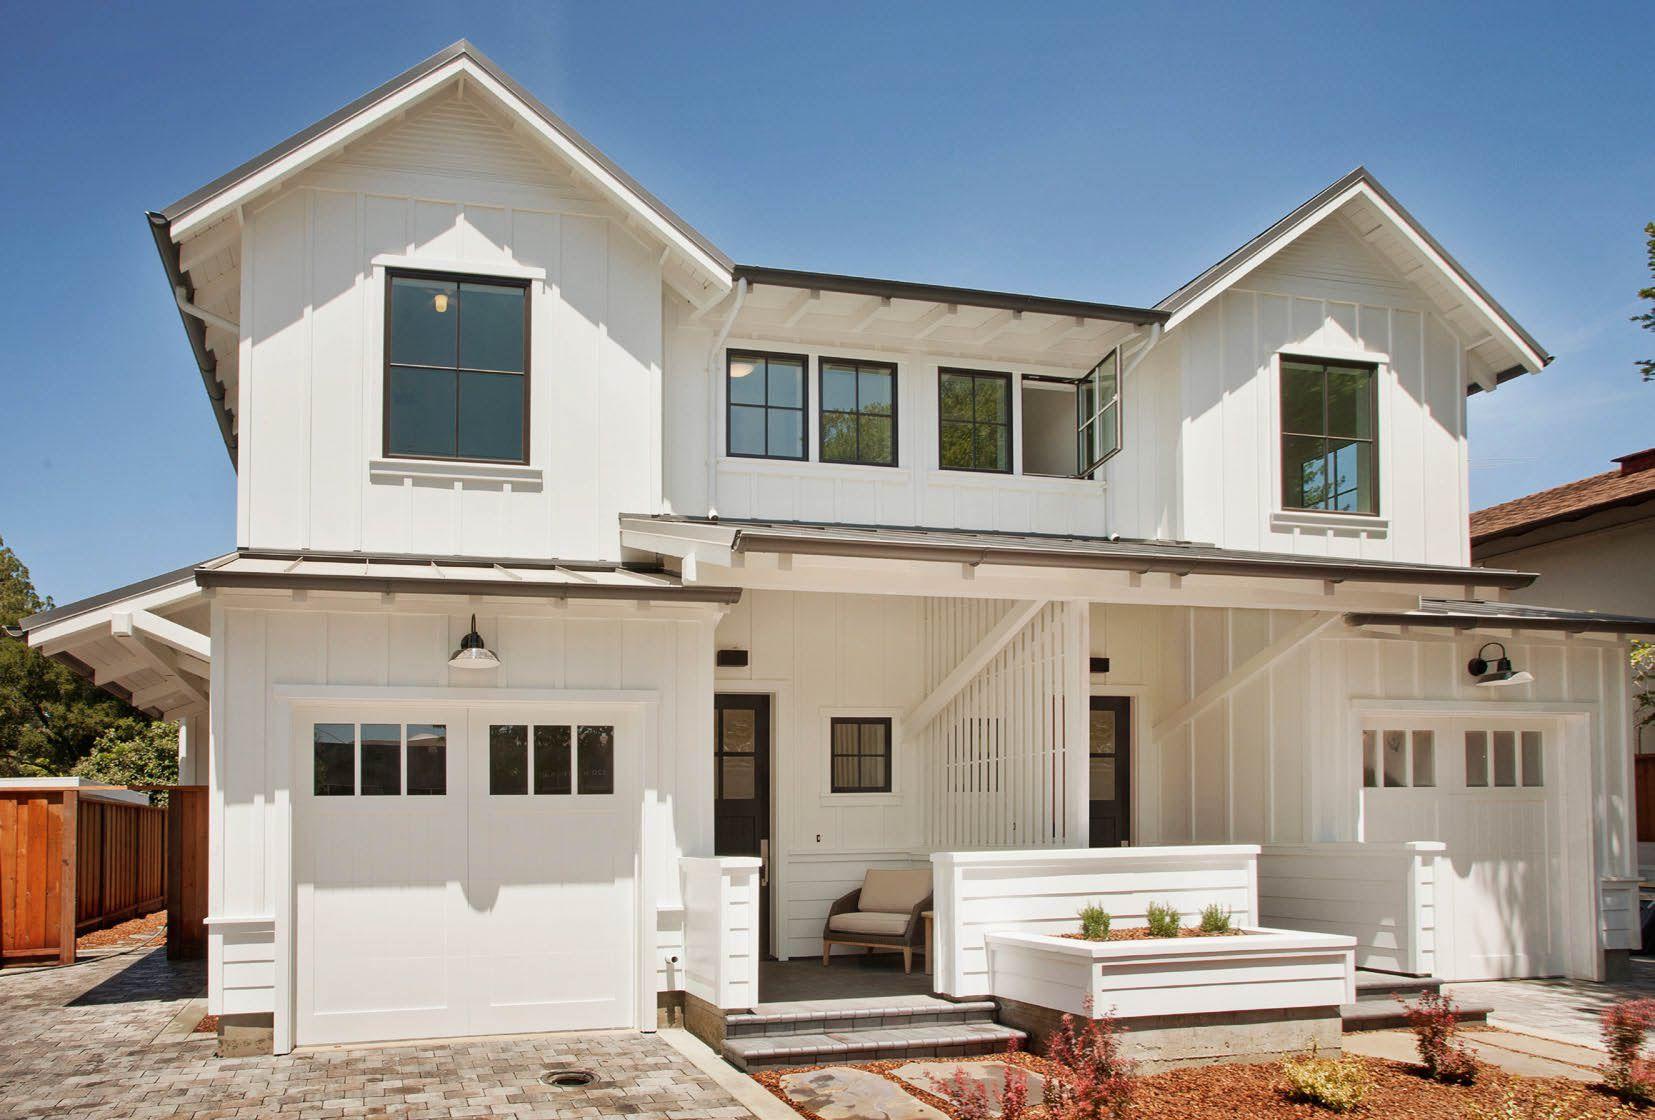 Modern Duplex Plans - Zion Star